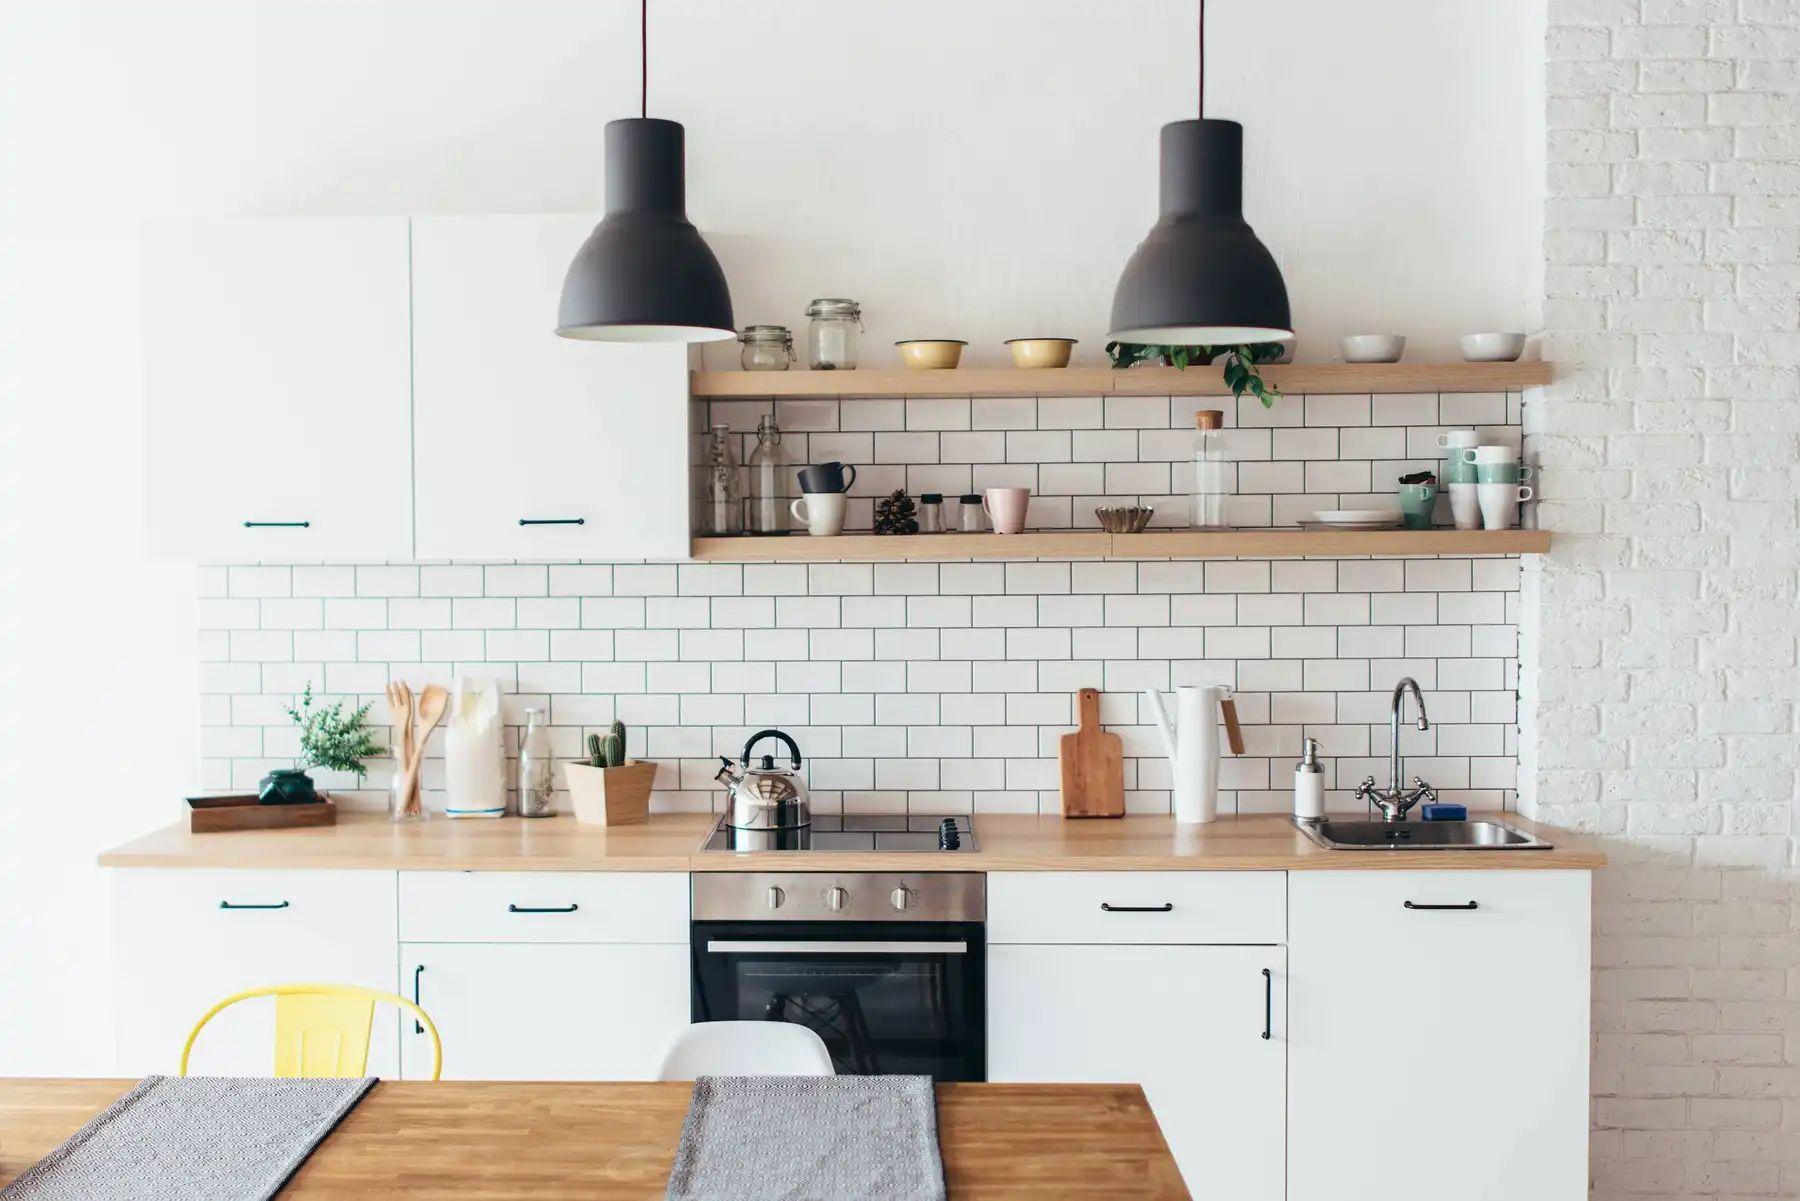 Trang trí phòng ăn đẹp bằng những vật dụng trong nhà bếp